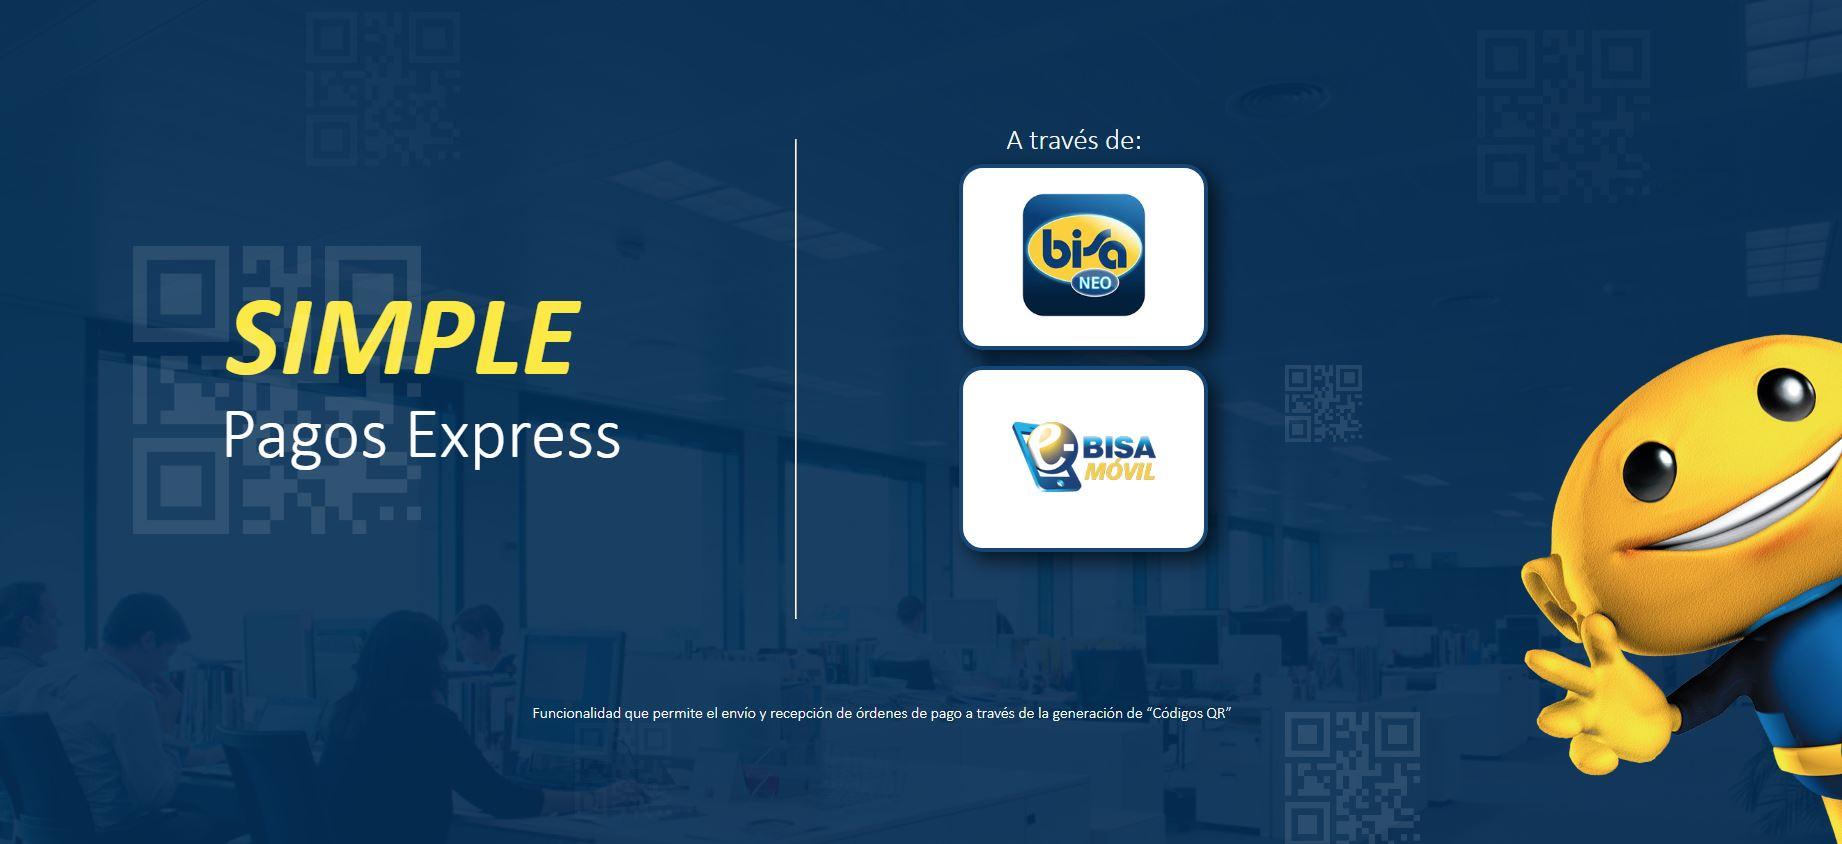 """Banco Bisa lanza """"Simple Pagos Express""""  en la 1ra Feria Ciudad Financiera Digital"""